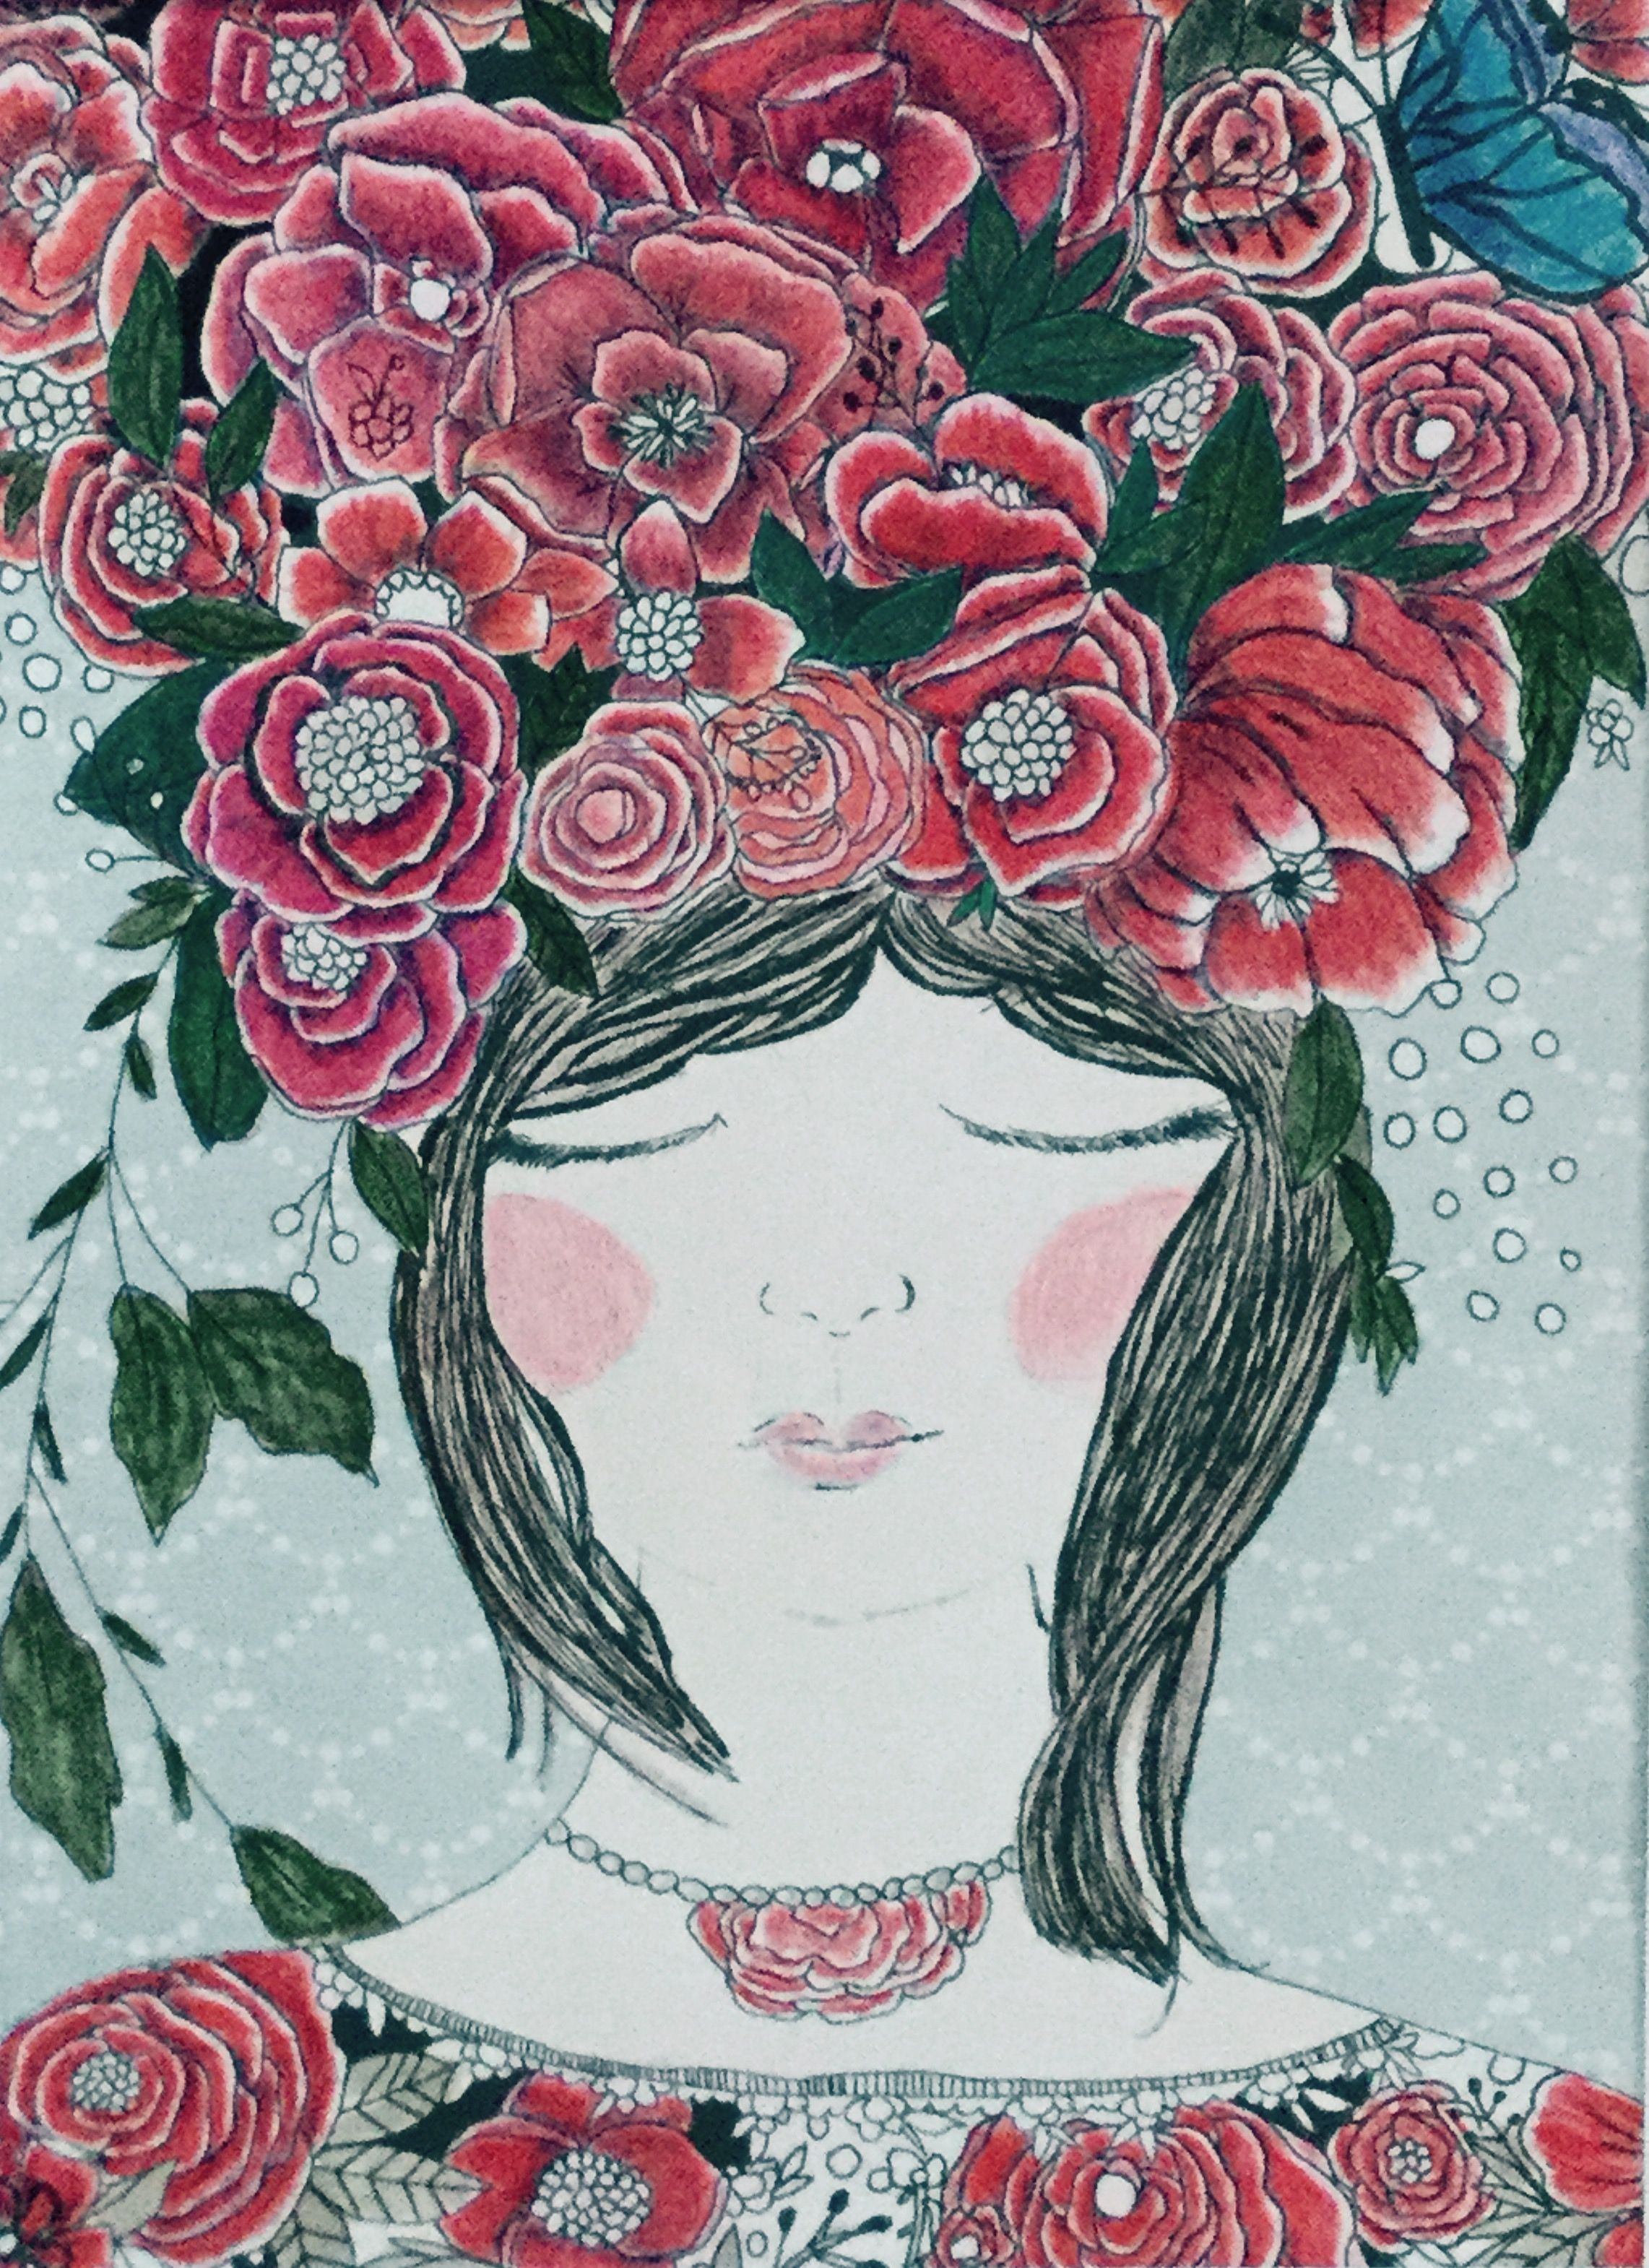 Bari J. // Coloring Book: Make Something Beautiful ...